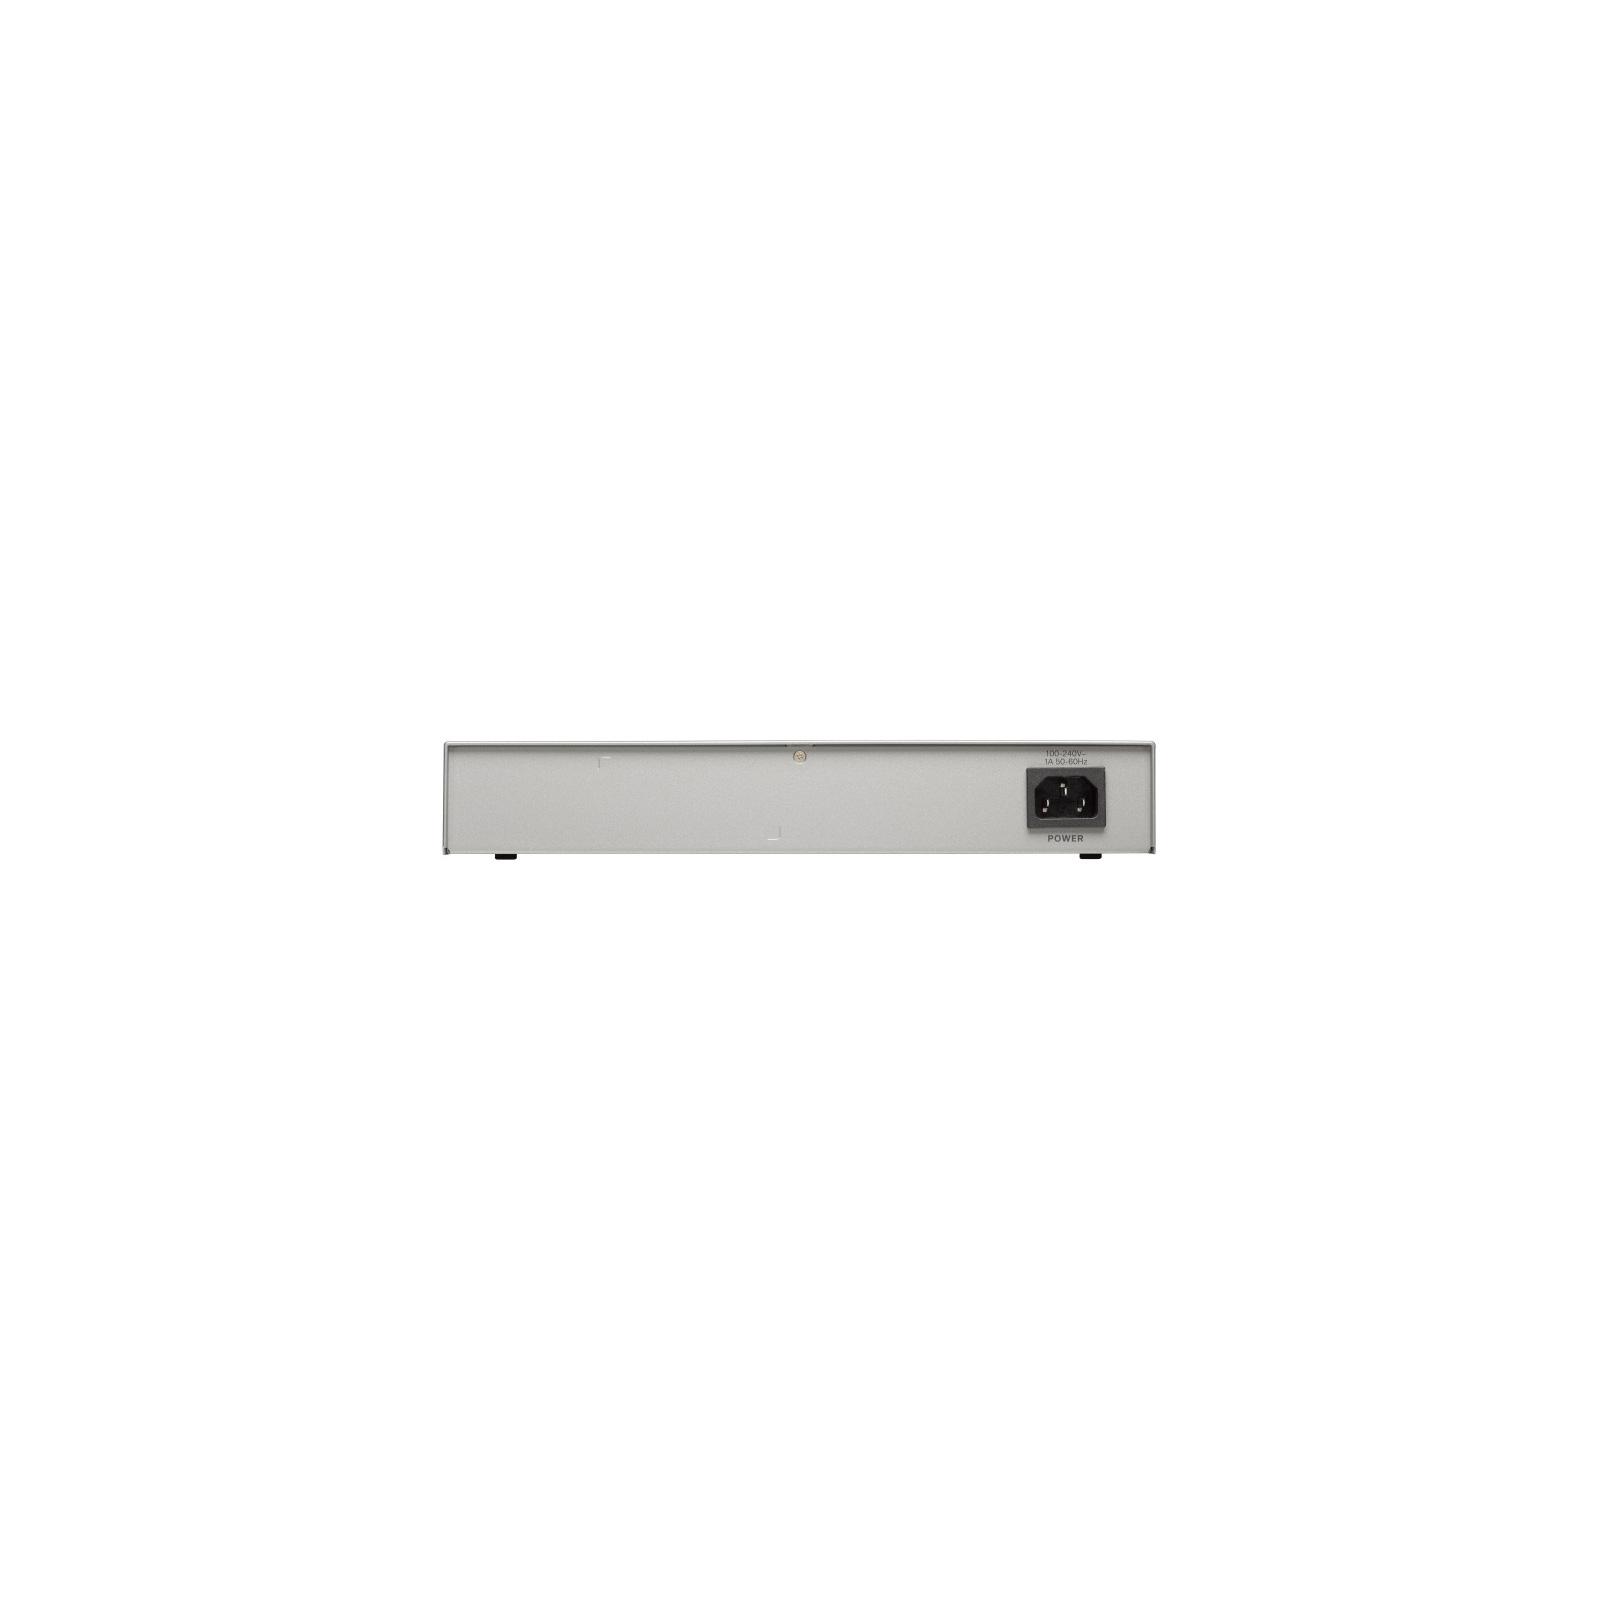 Коммутатор сетевой Cisco SG110-16-EU изображение 2